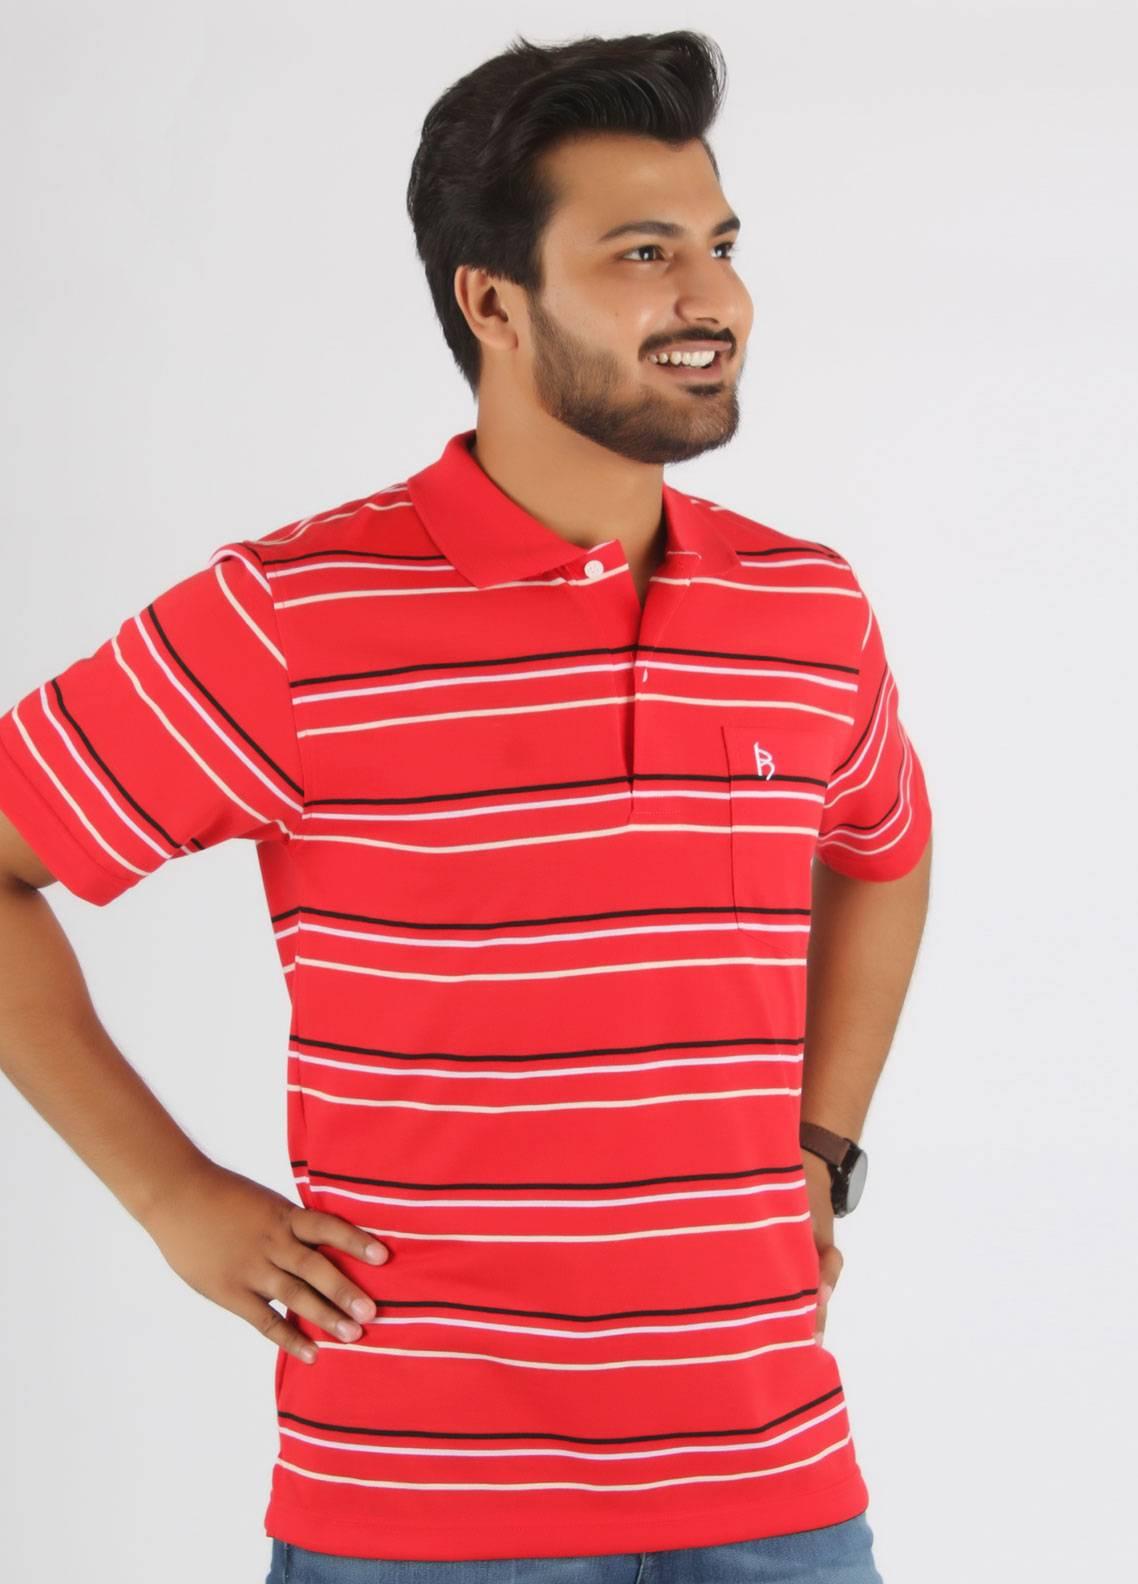 Bien Habille Cotton Polo Men T-Shirt -  Red White & Black